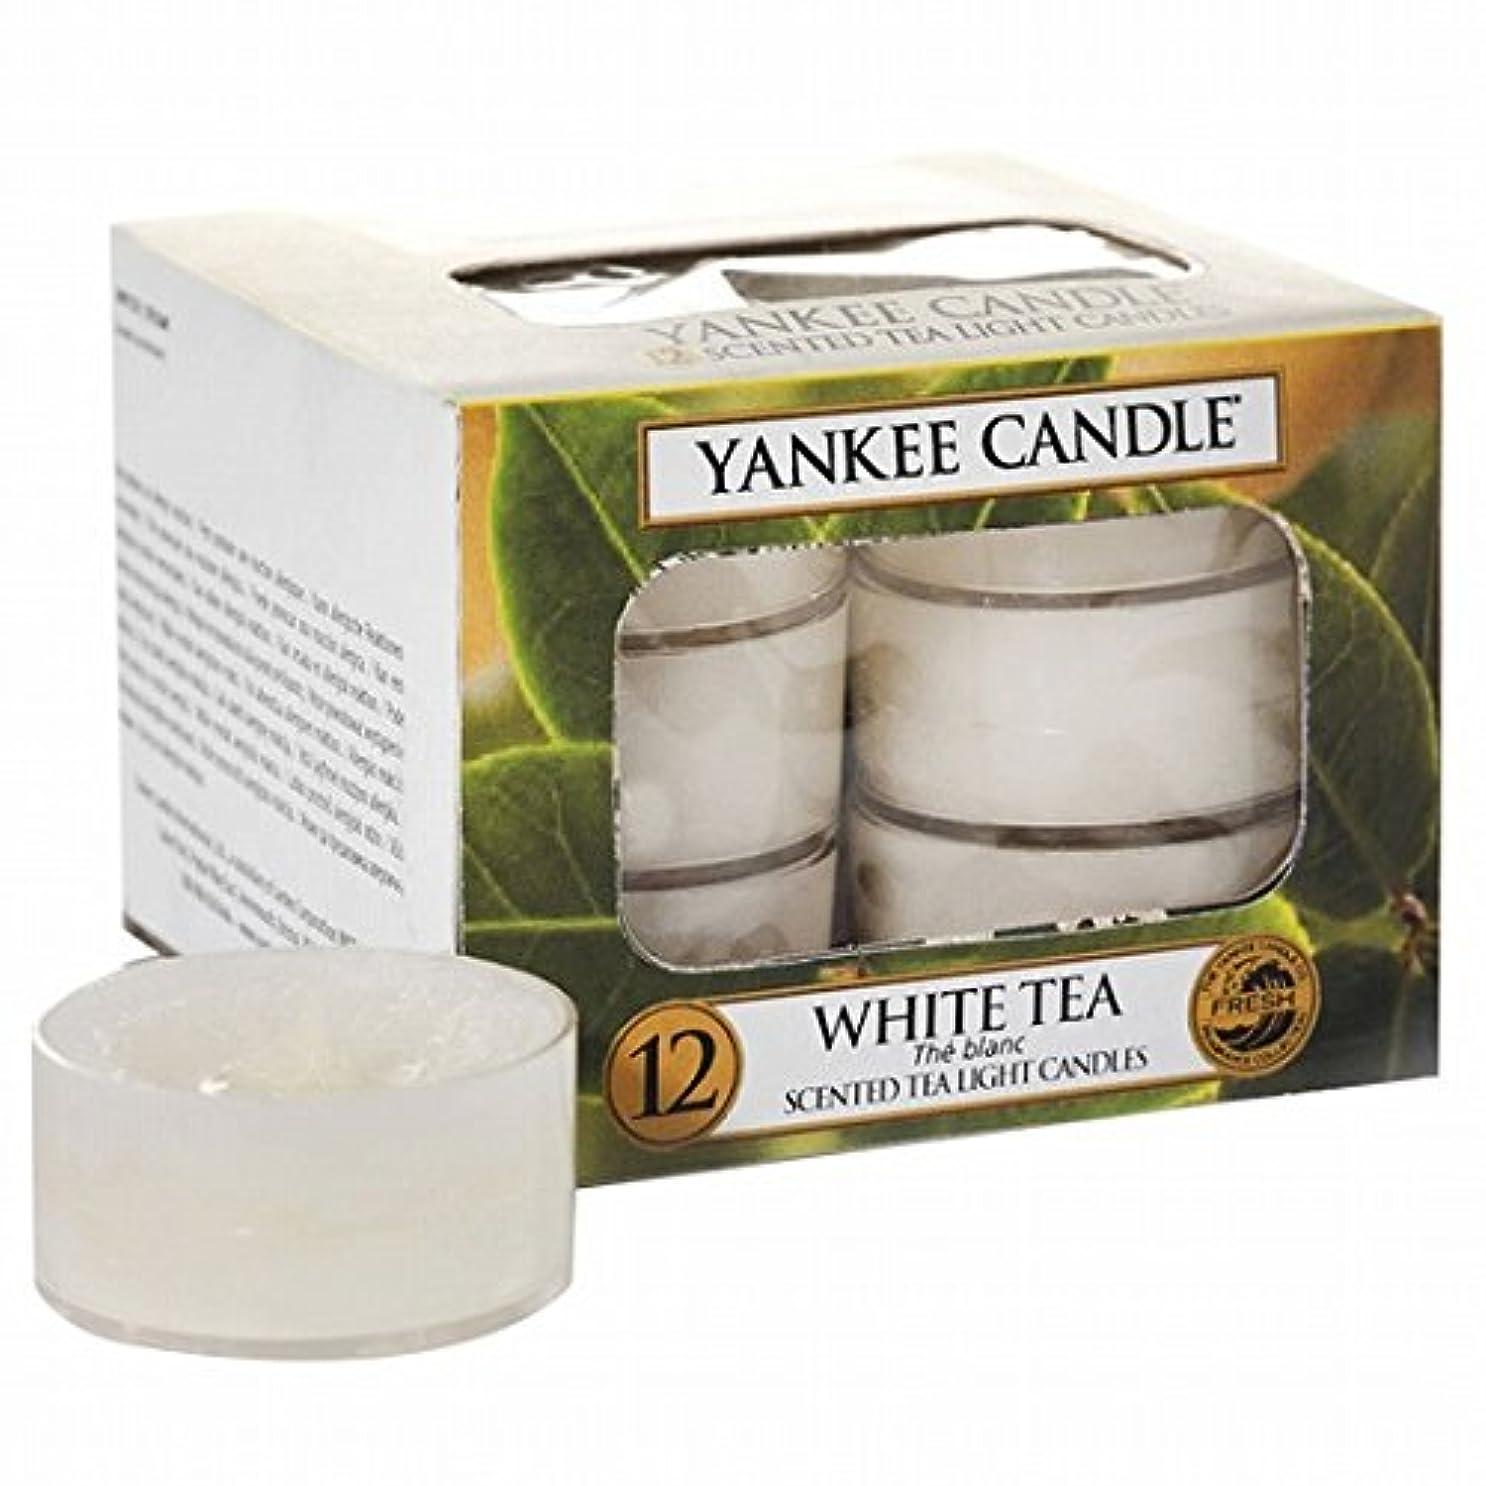 アトラス偏心会議YANKEE CANDLE(ヤンキーキャンドル) YANKEE CANDLE クリアカップティーライト12個入り 「ホワイトティー」(K00505277)